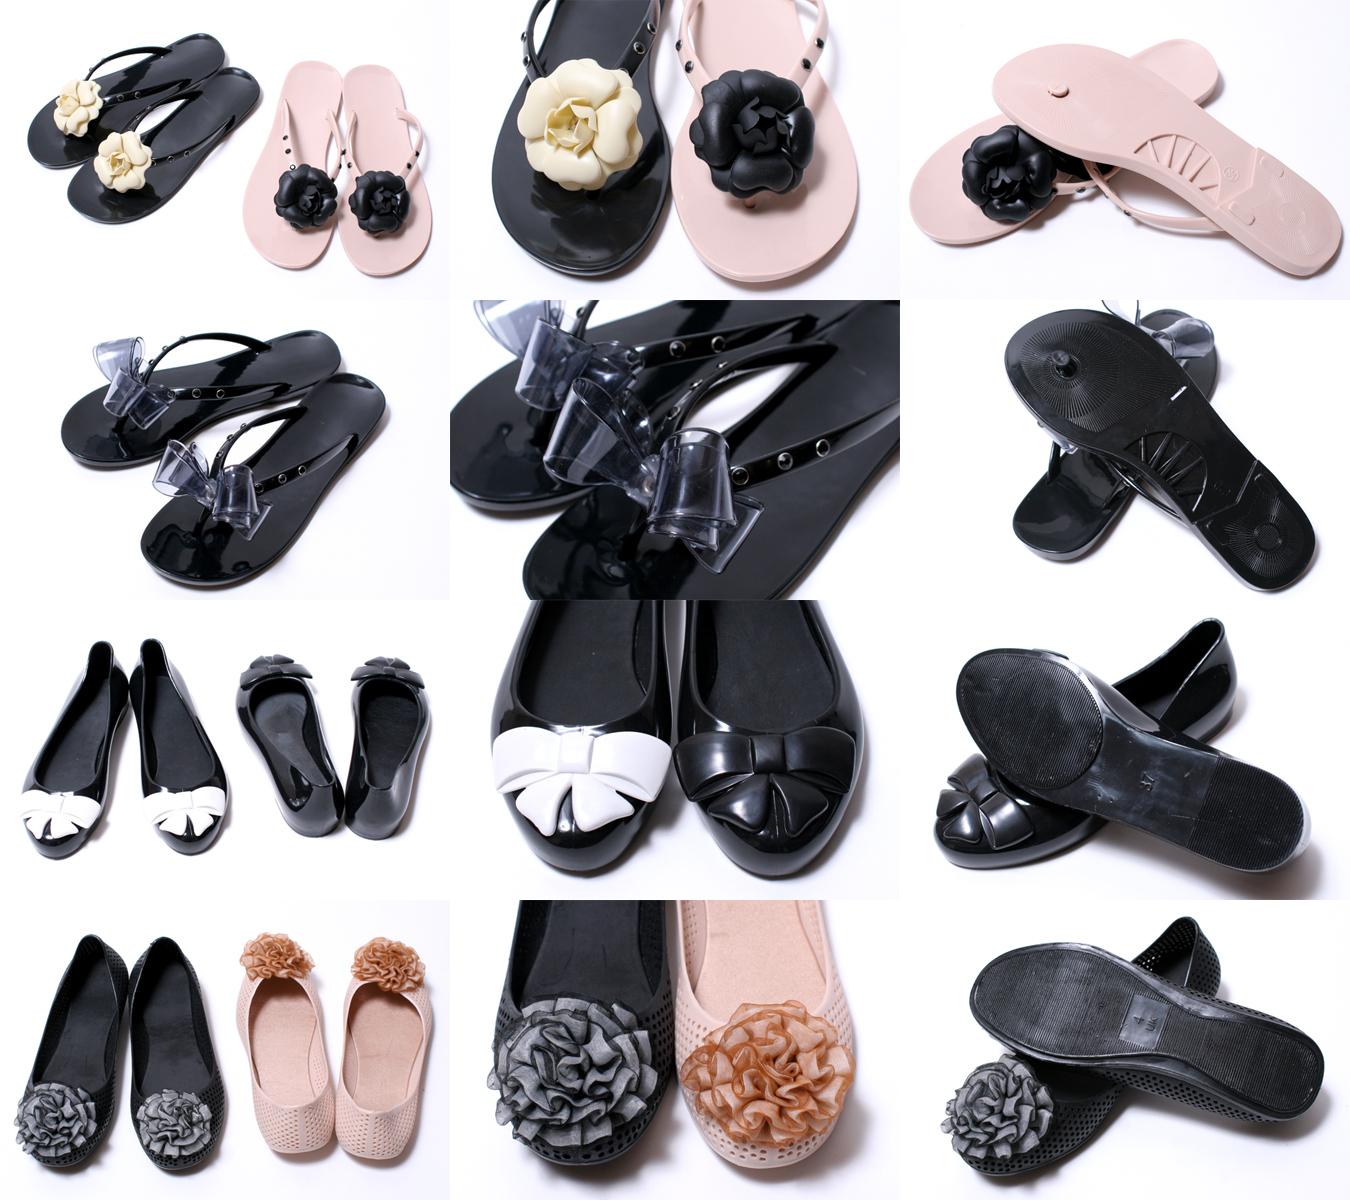 카멜리아 플라워 고무 샌들의 코 사지와 고무 신발에서 7 유형 10P28oct13